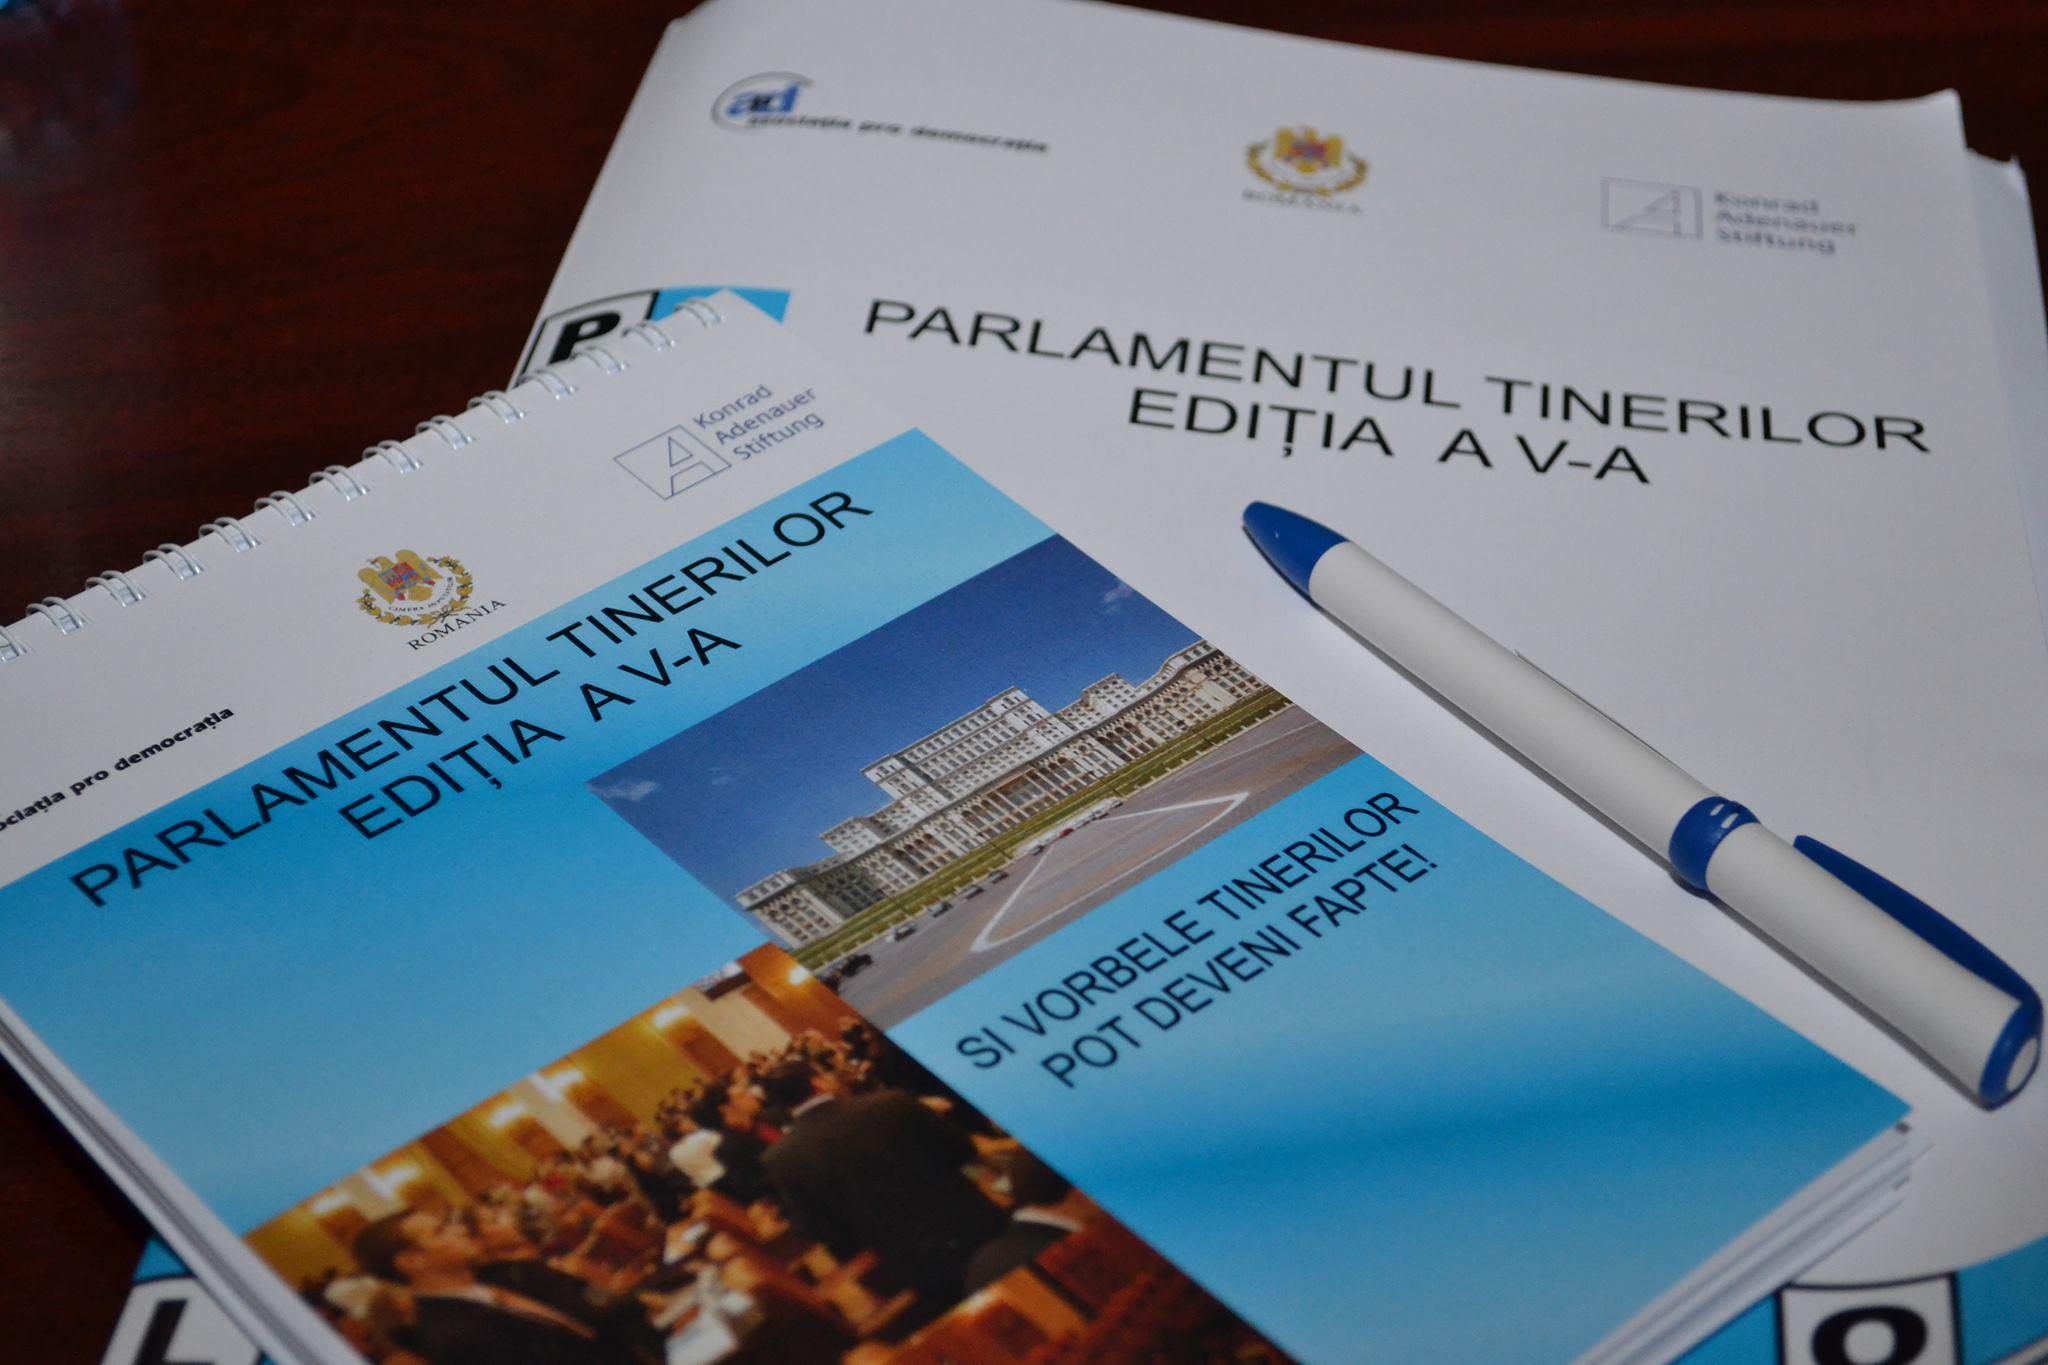 Parlamentul Tinerilor